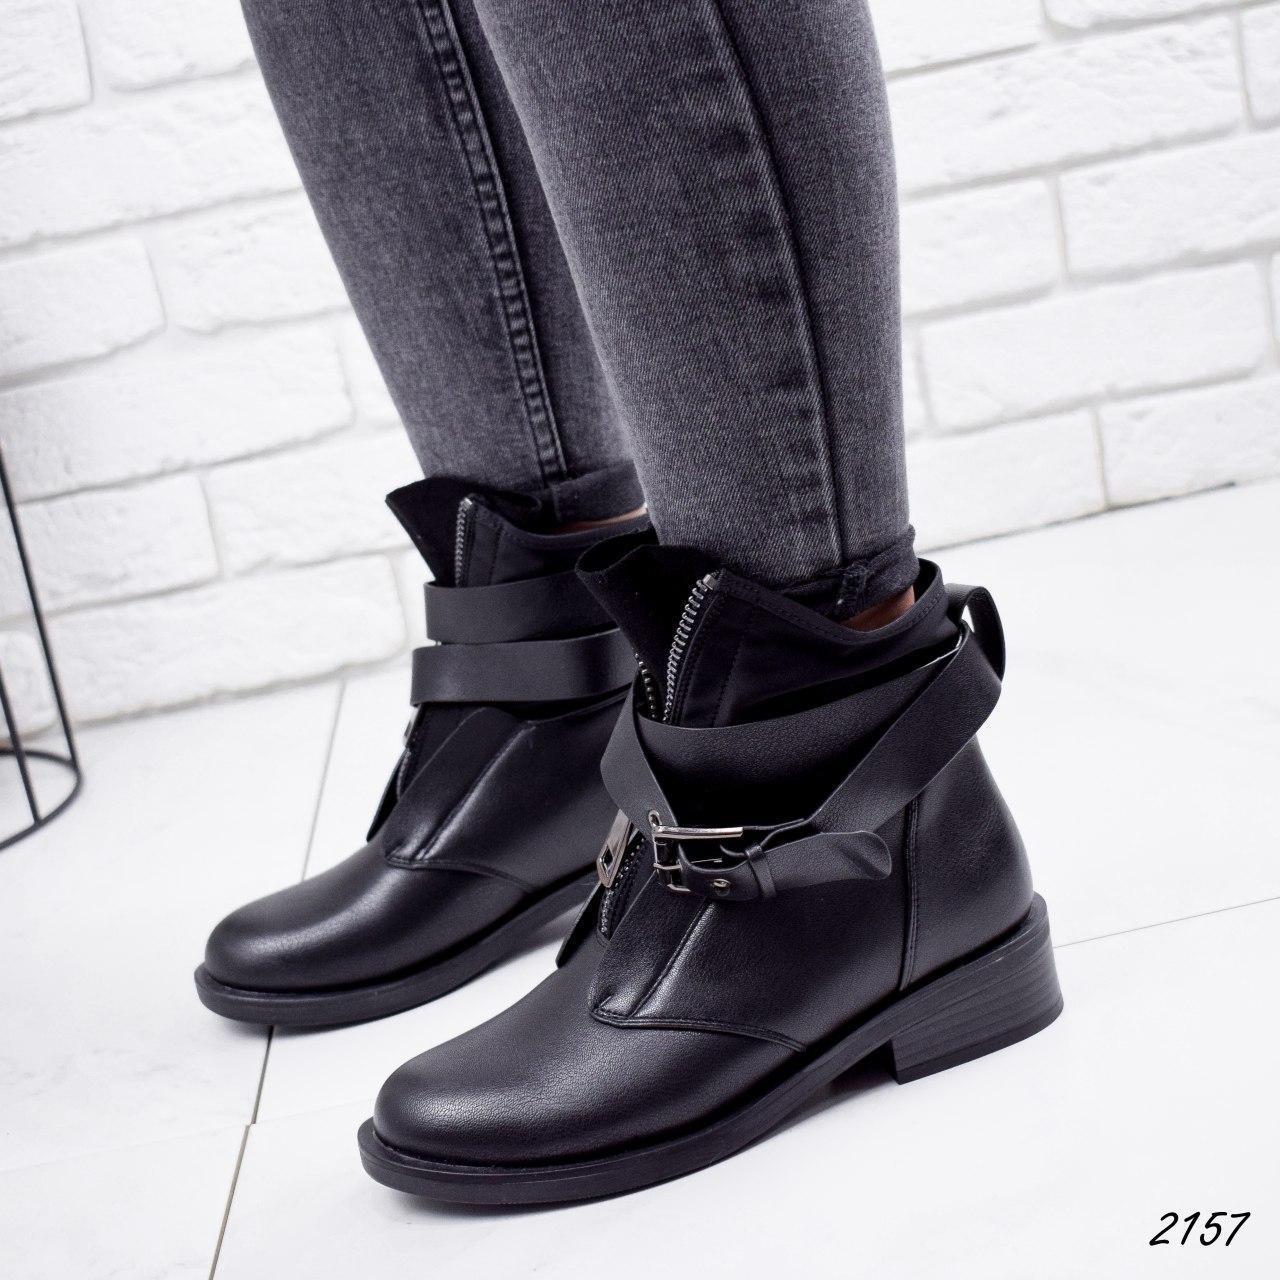 Ботинки женские черные, демисезонные из эко кожи. Черевики жіночі чорні з еко шкіри утеплені